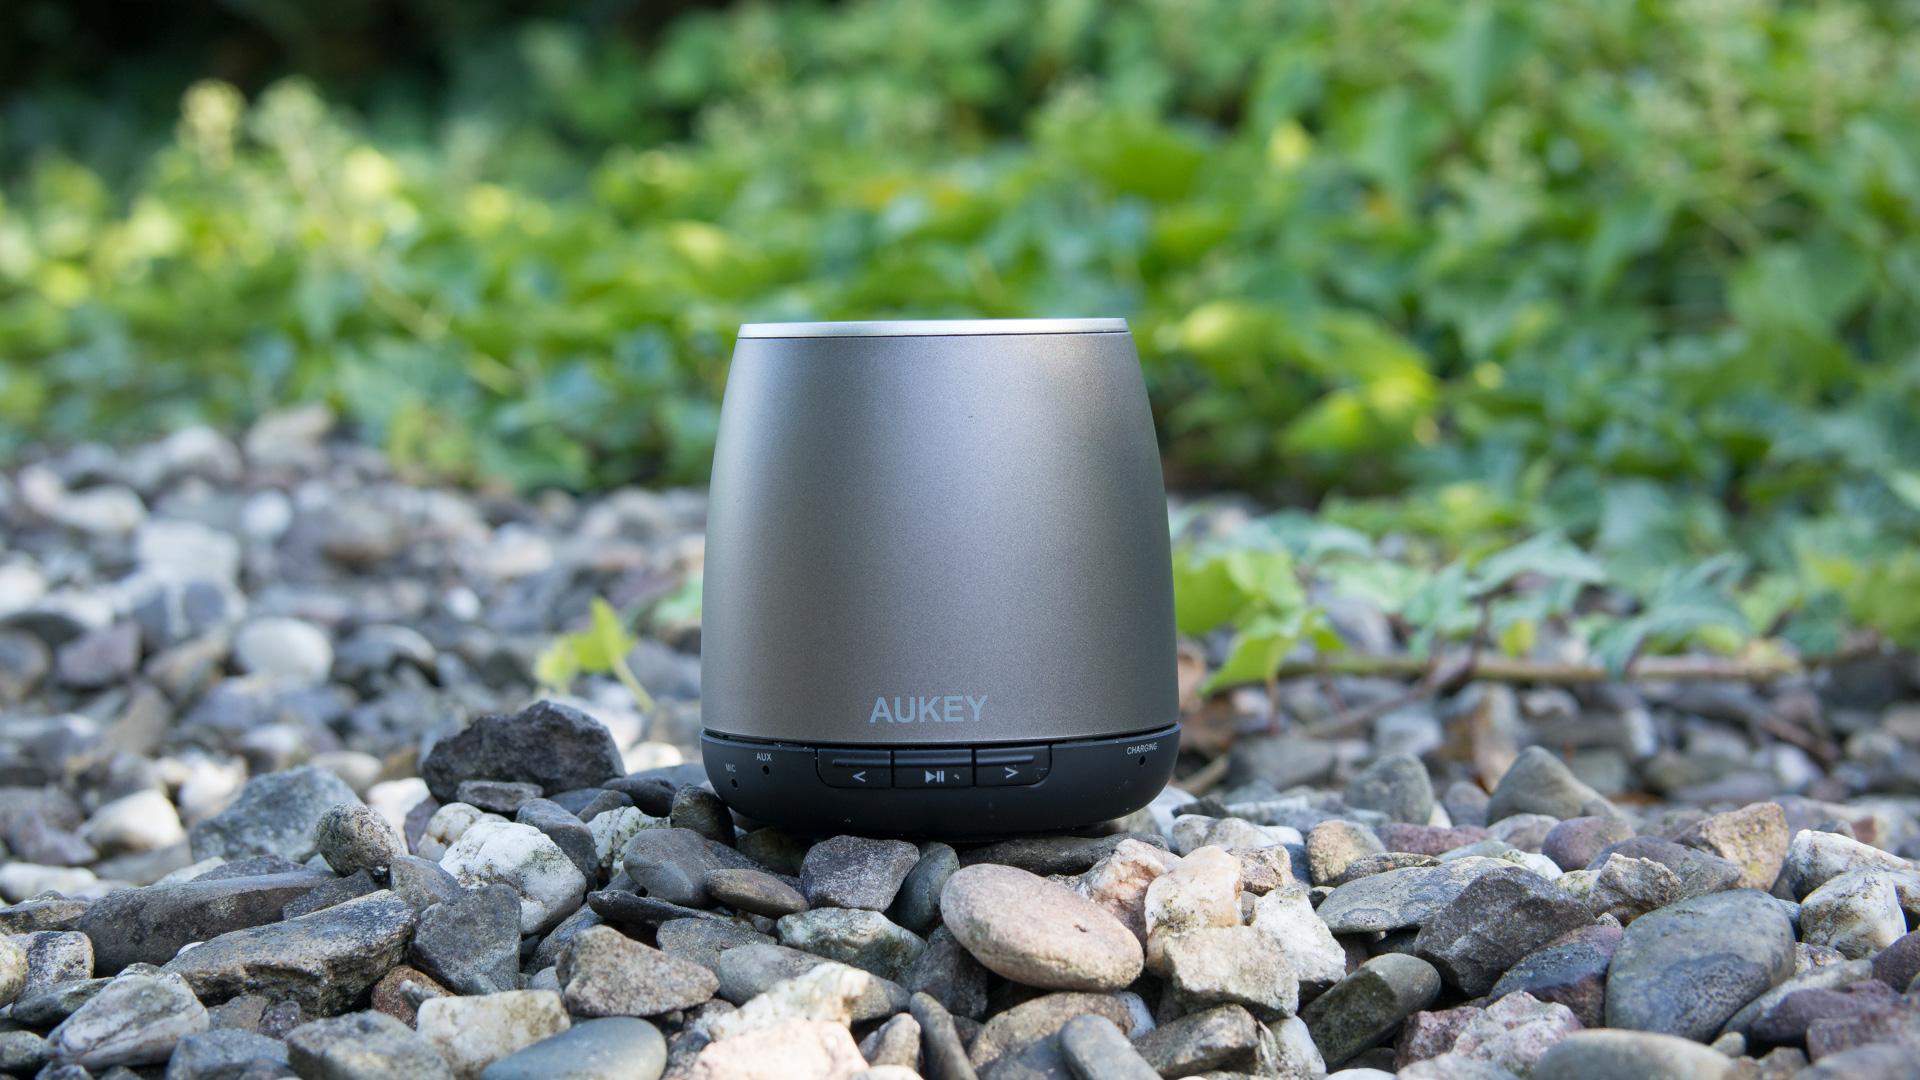 Bluetooth Lautsprecher für 12€ von Aukey im Test Aukey DS-1162 review